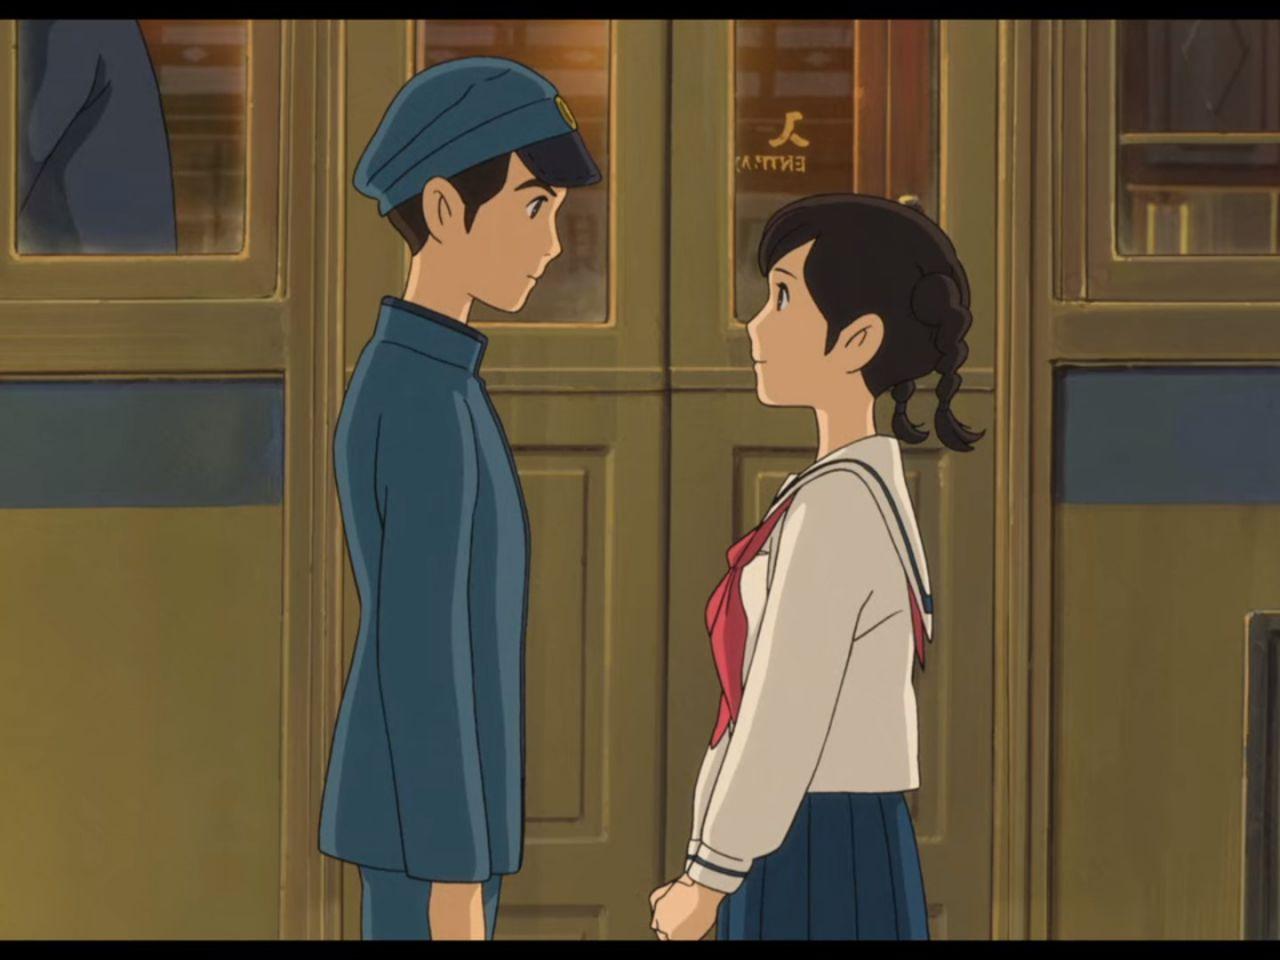 La collina dei papaveri: storia del secondo lungometraggio di Goro Miyazaki